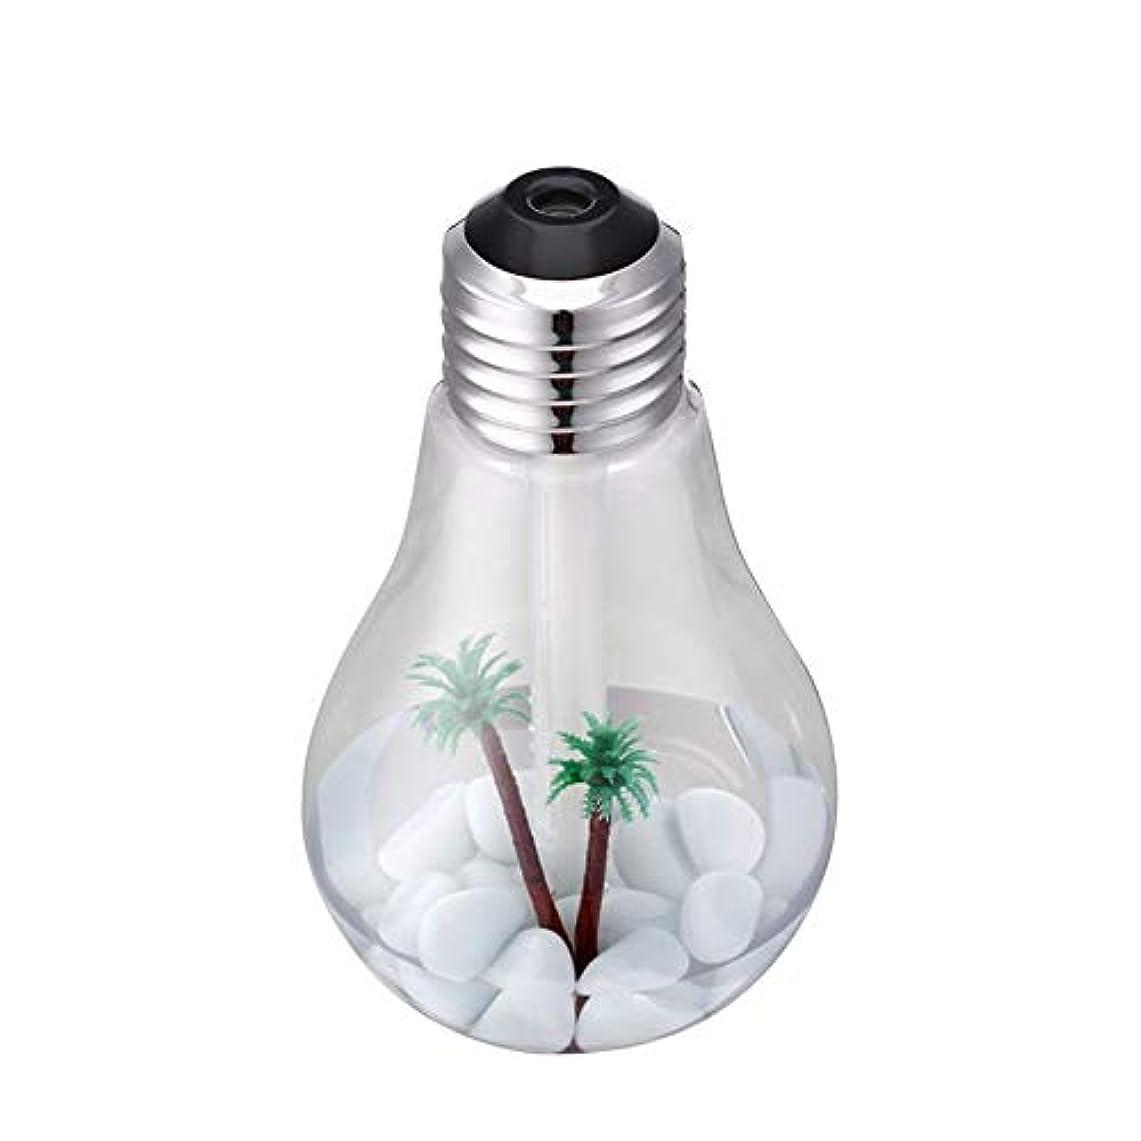 明るいひまわり介入する新しいUSBクリエイティブ電球加湿器 - シルバー